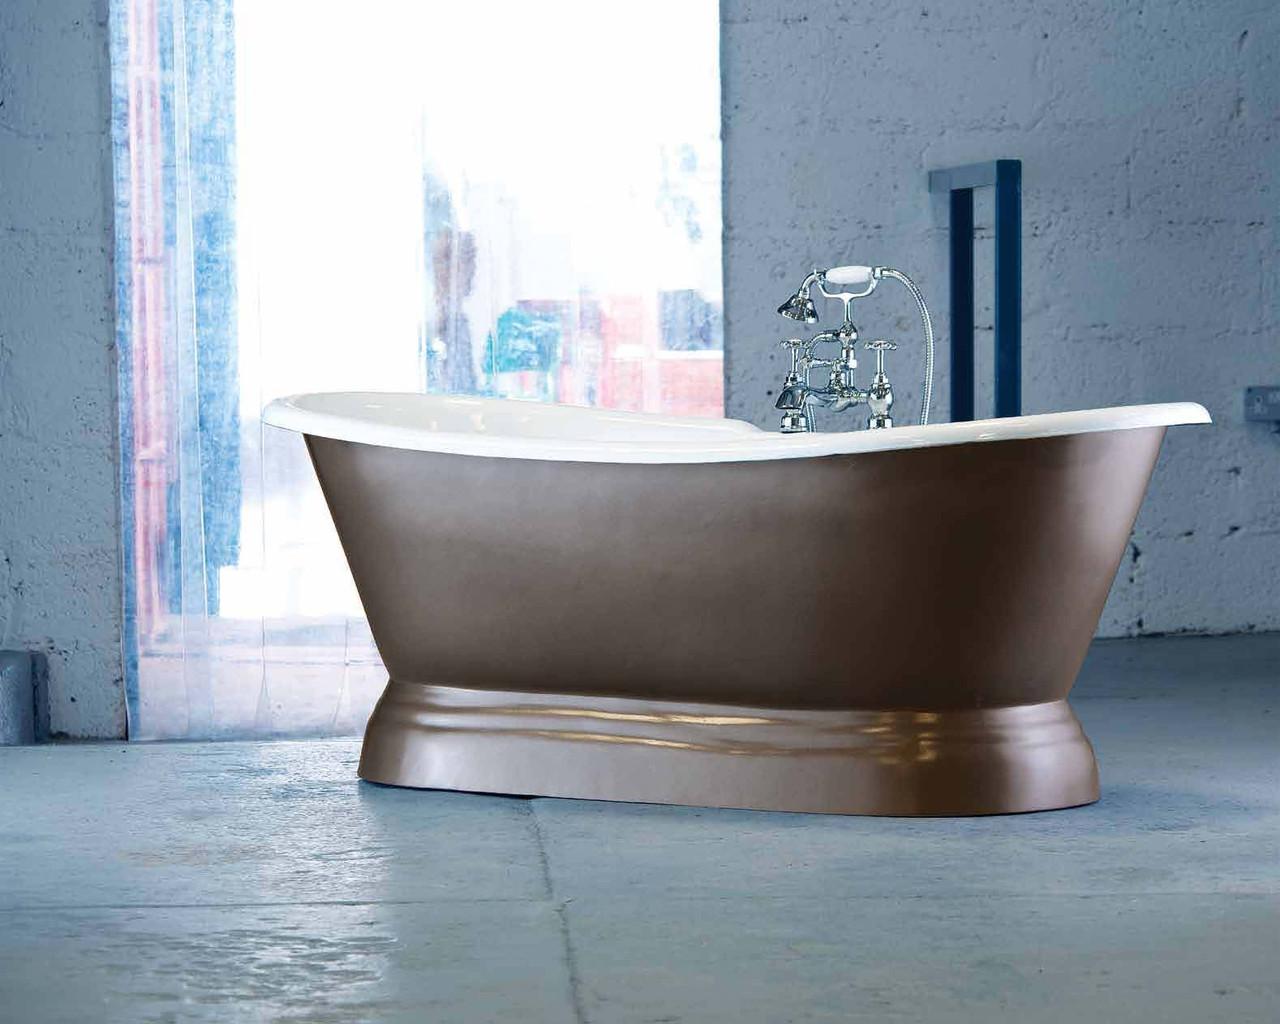 Классическая чугунная ванна на пьедестале в ретро стиле VERSAILLES